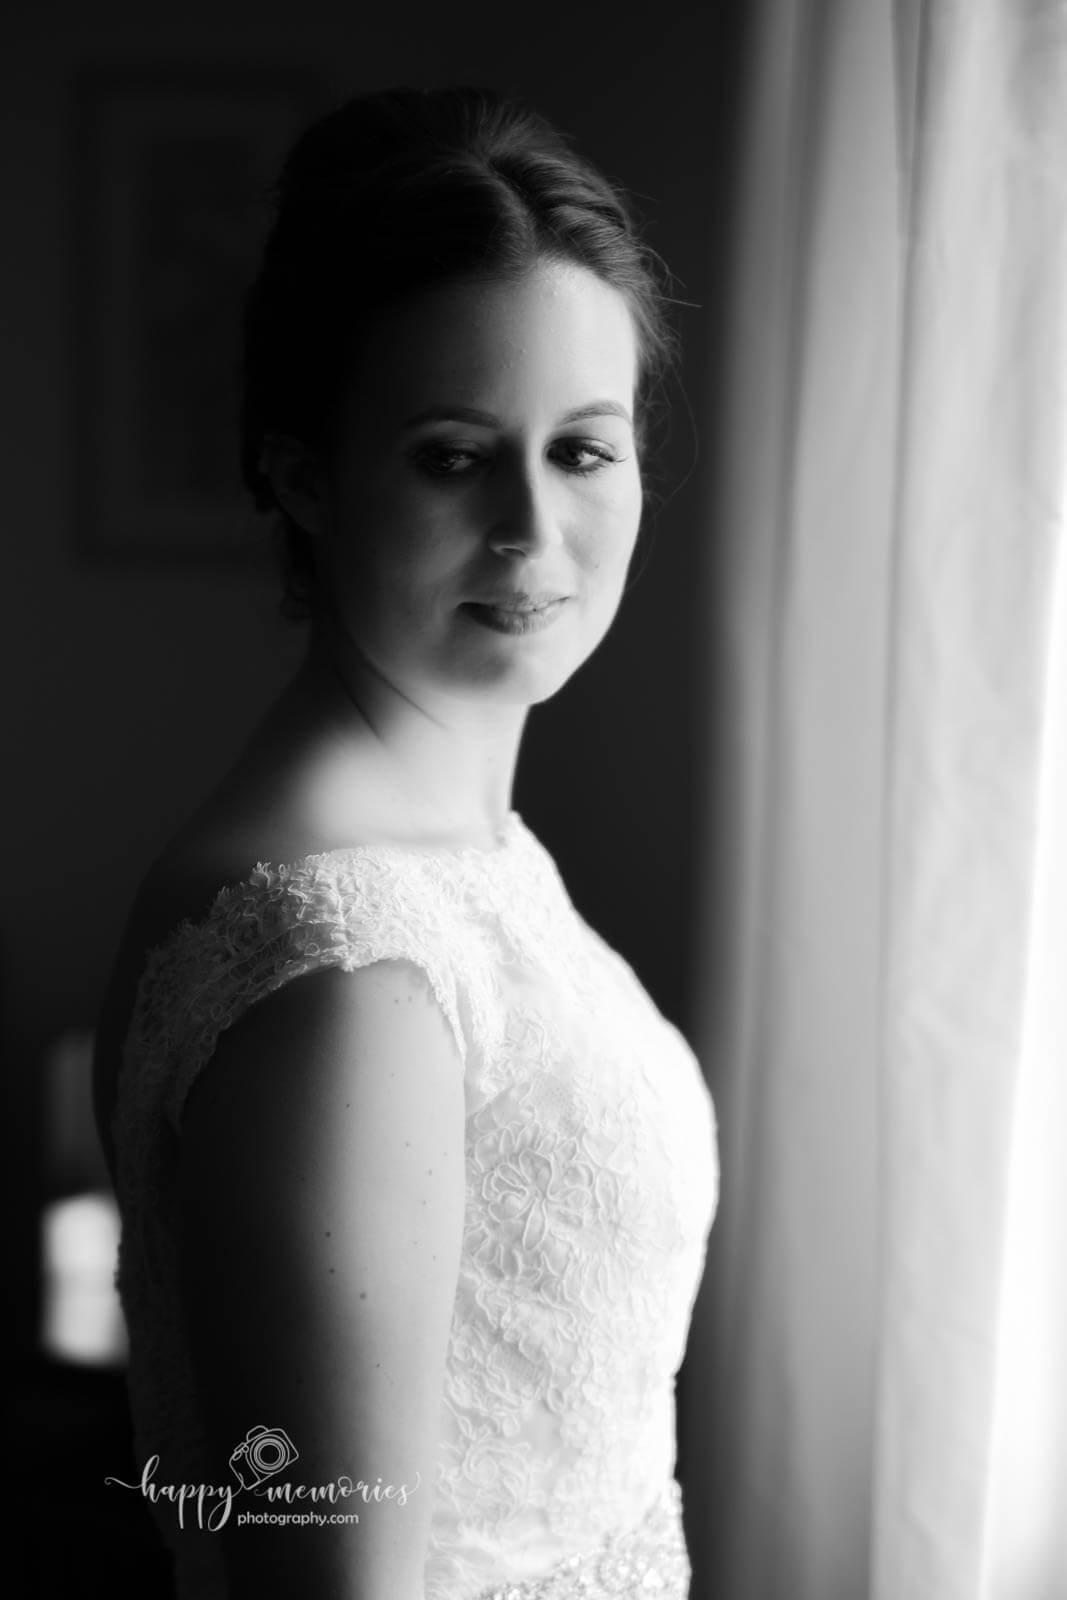 Wedding photographer Crawley-18